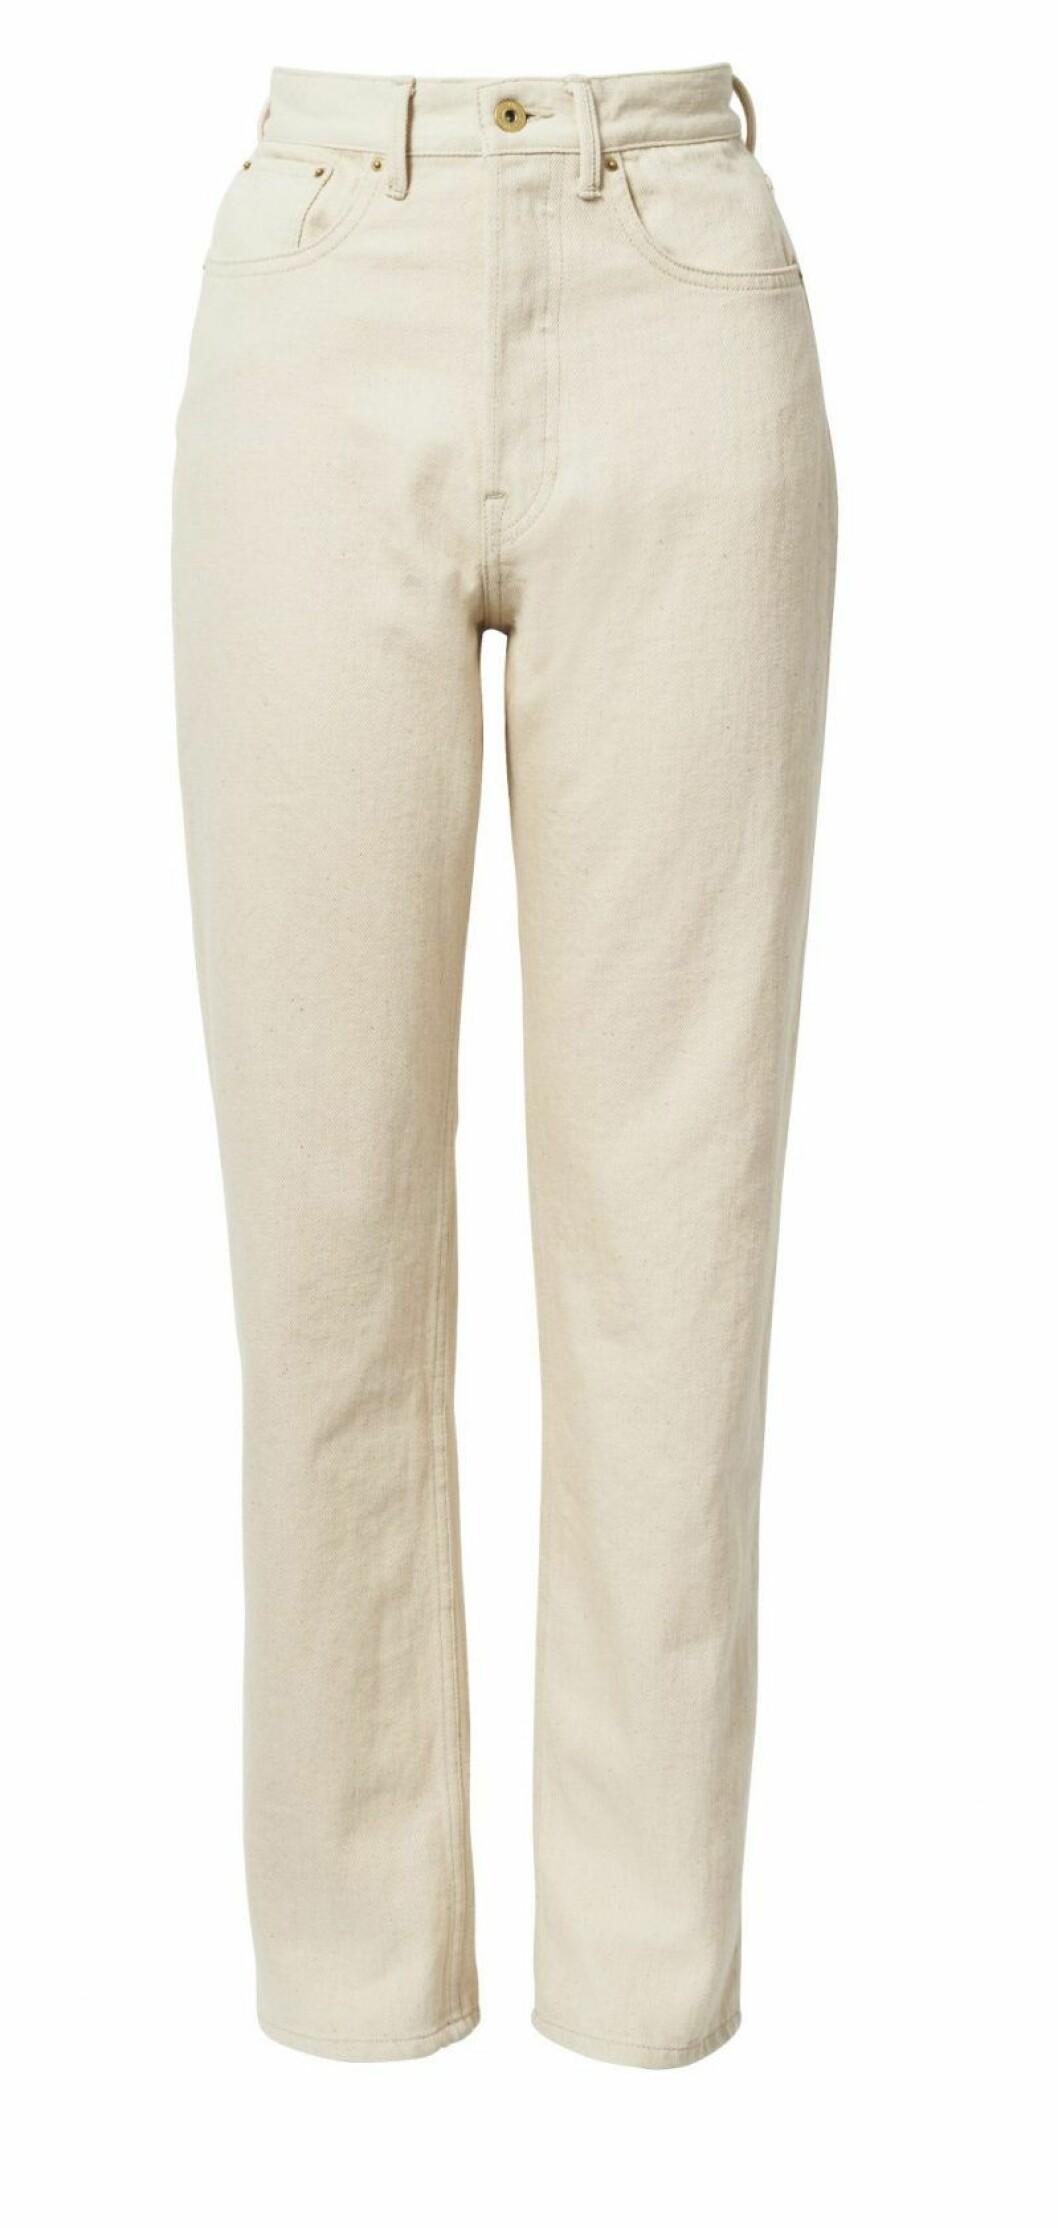 H&M Conscious Exclusive beige jeans